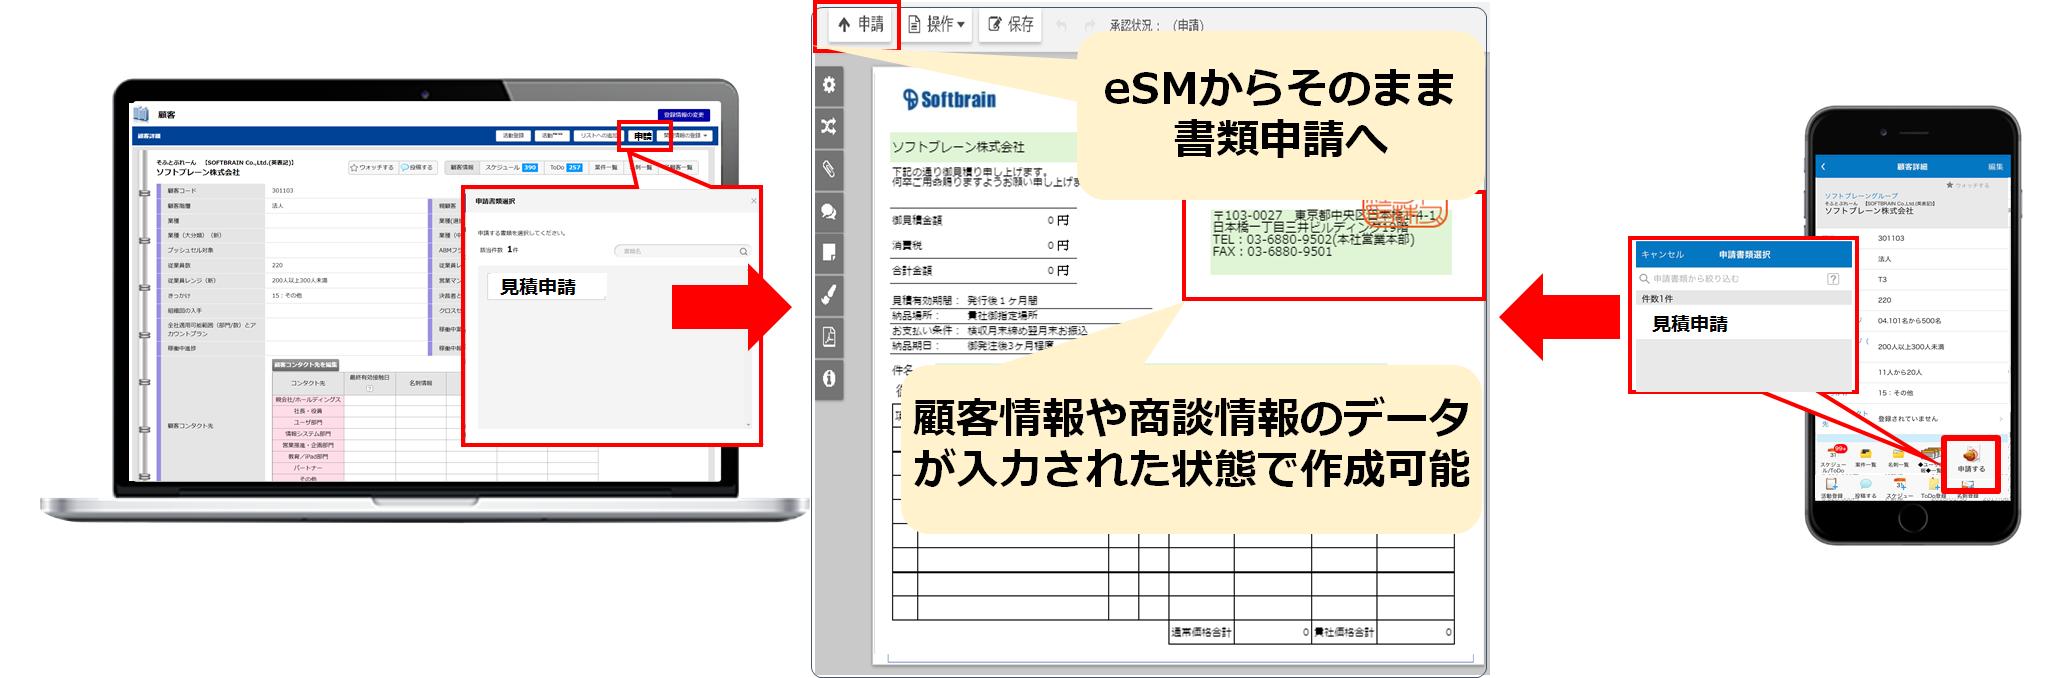 顧客情報や案件情報を基に各種申請書類の作成、eSM上での申請・承認が可能に